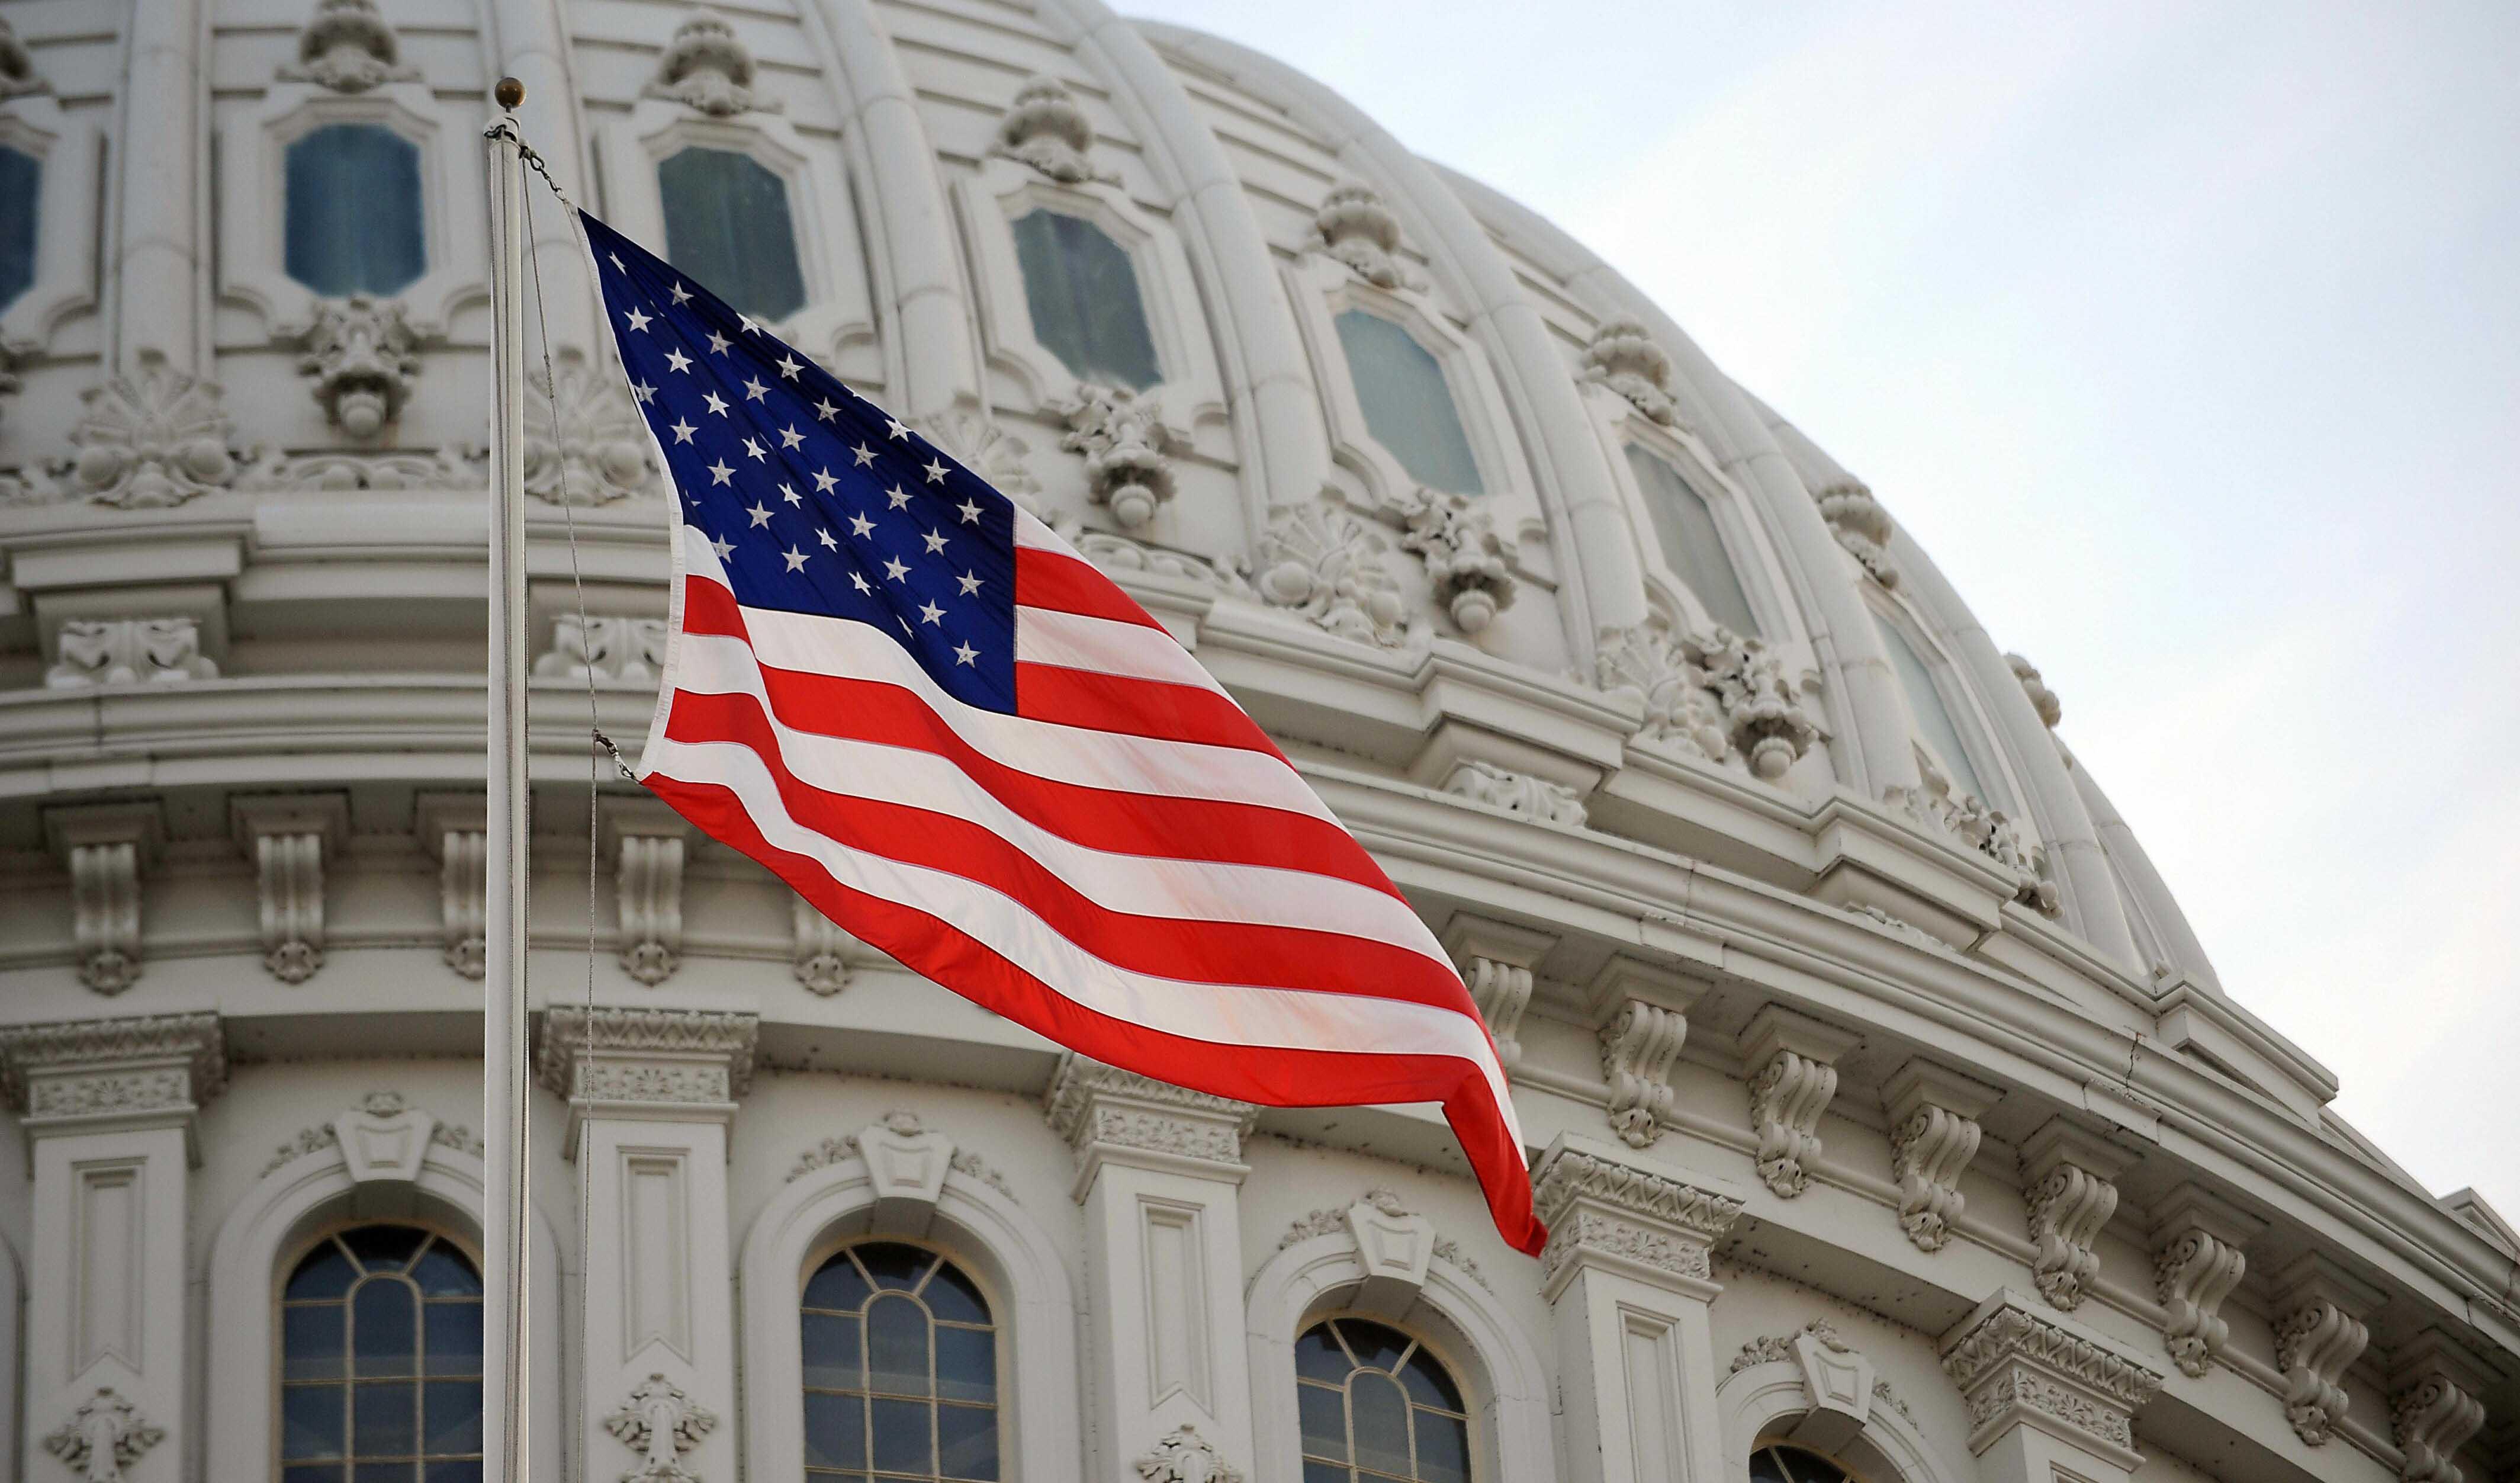 کسری بودجه دولت آمریکا در حال رکوردزنی!